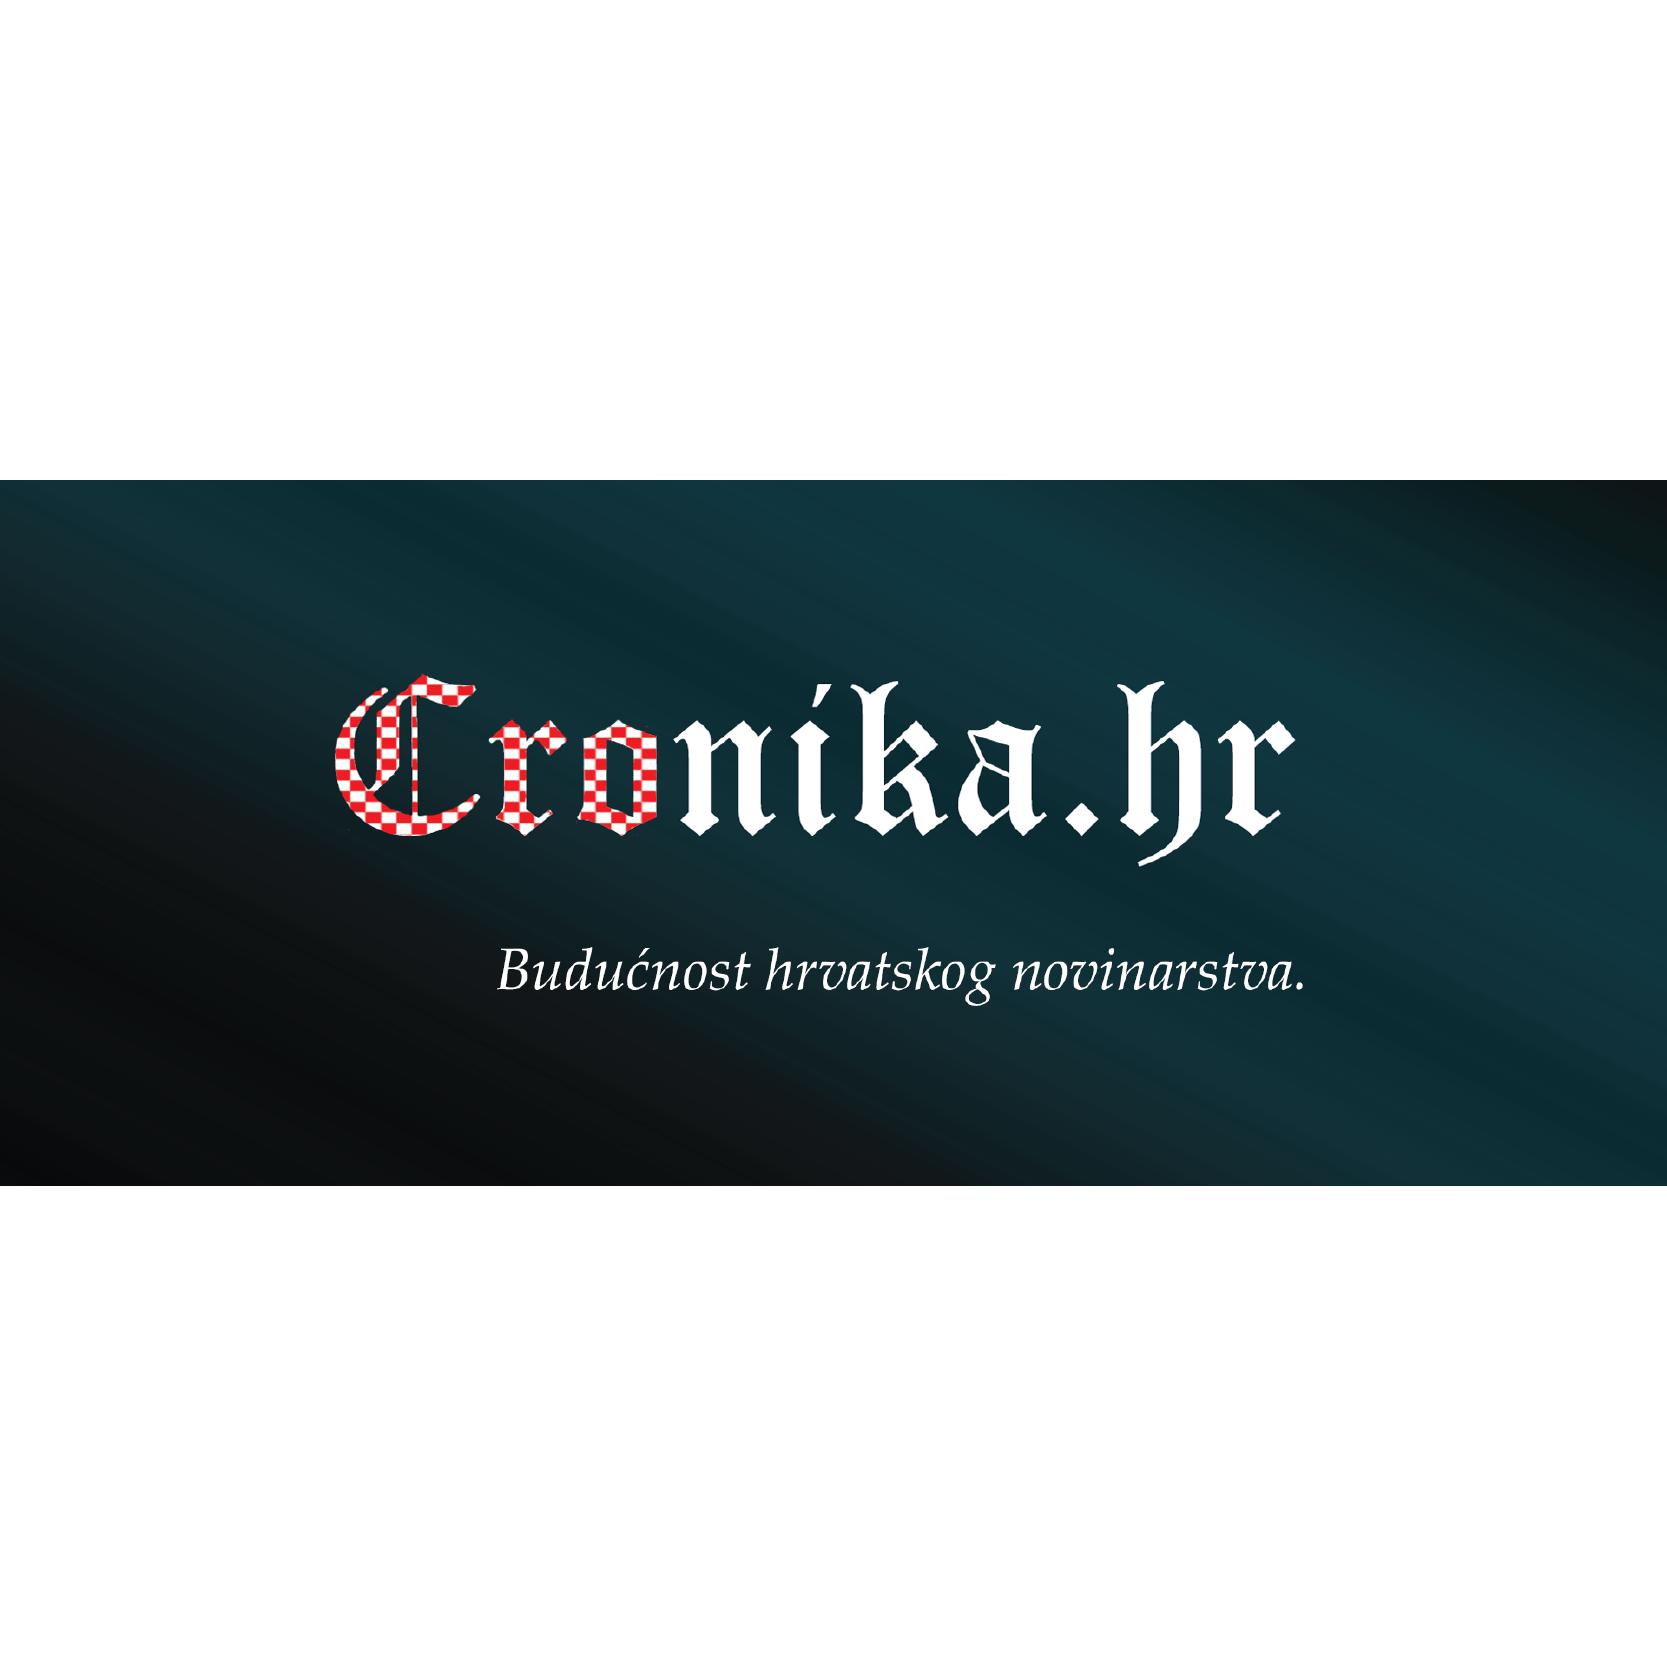 cronika_logo_1